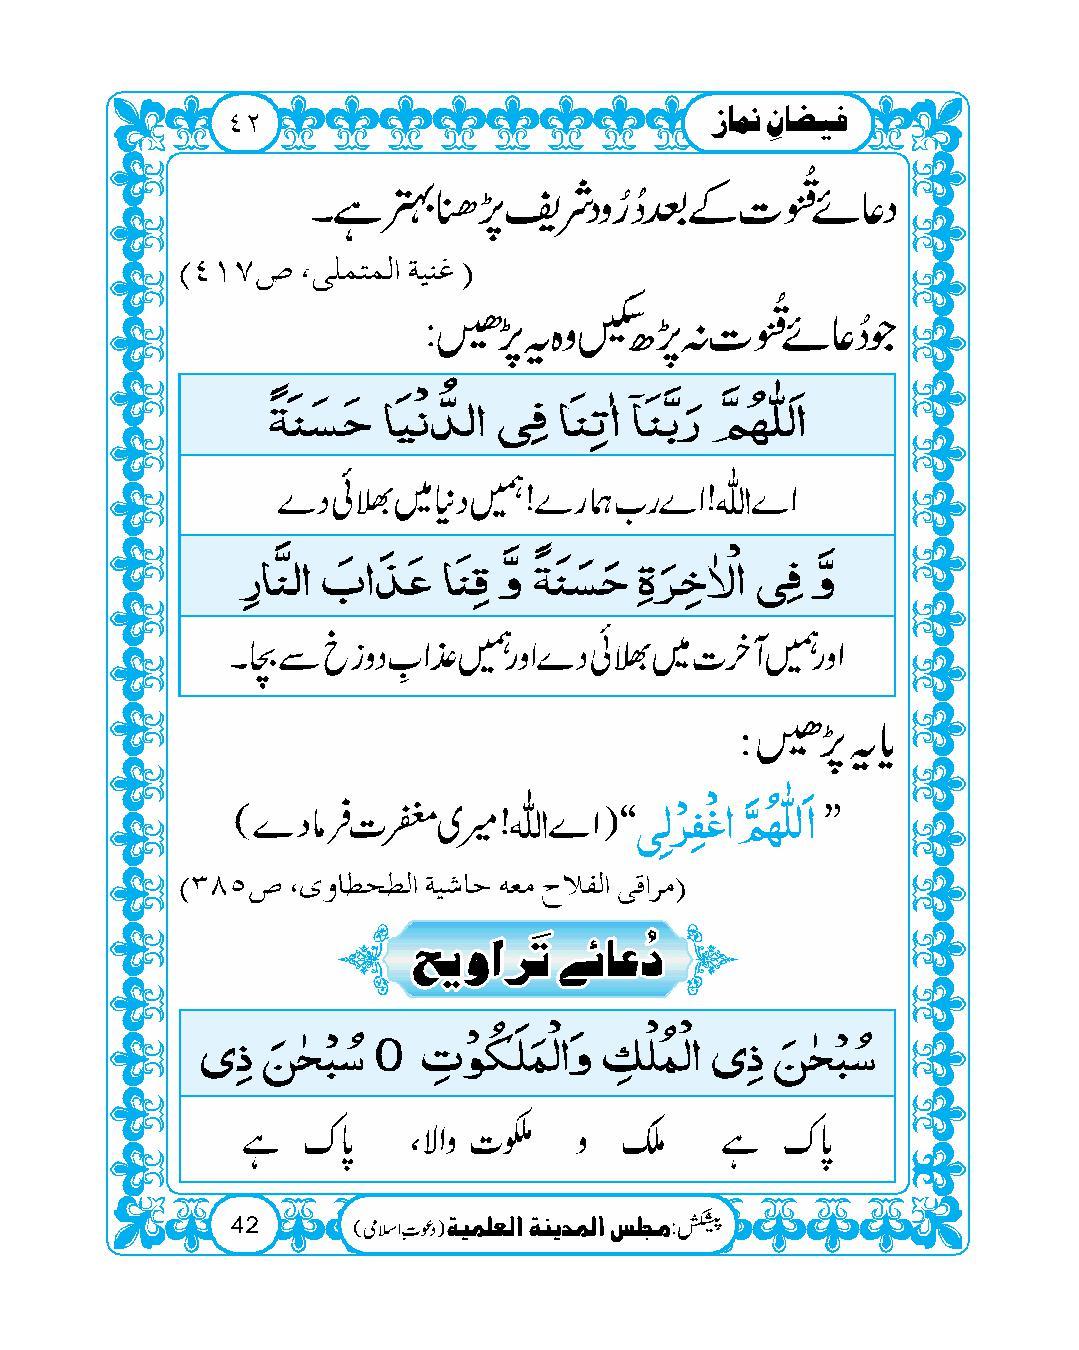 page No 42